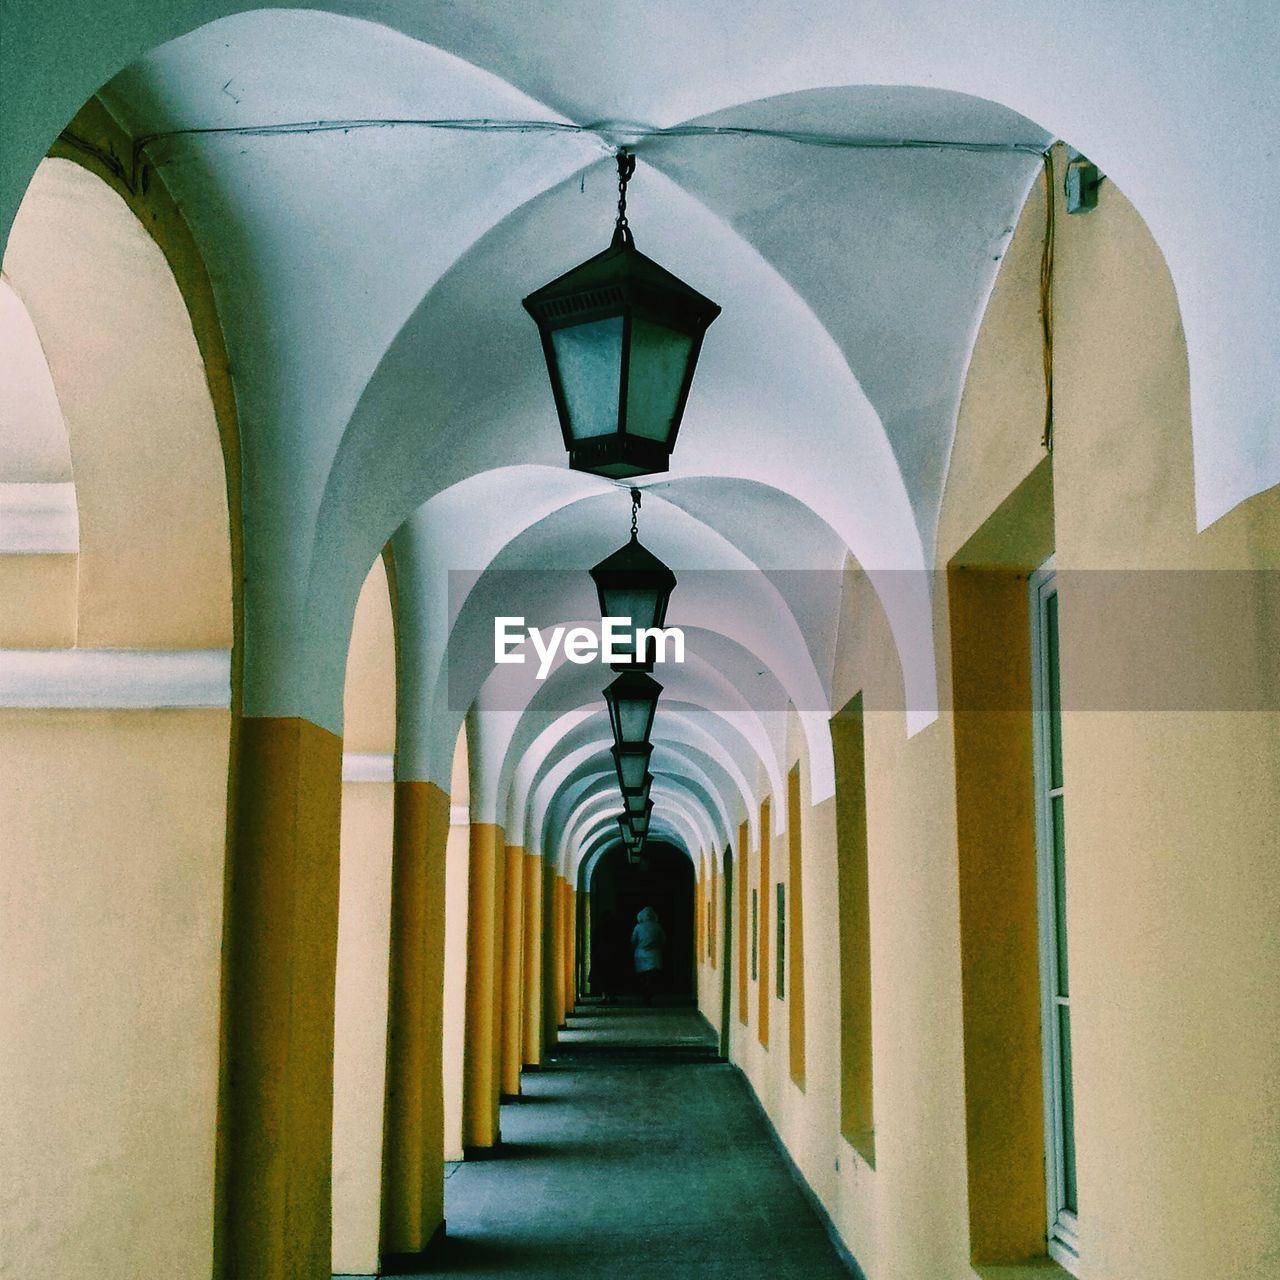 Hanging lights at narrow corridor along walls